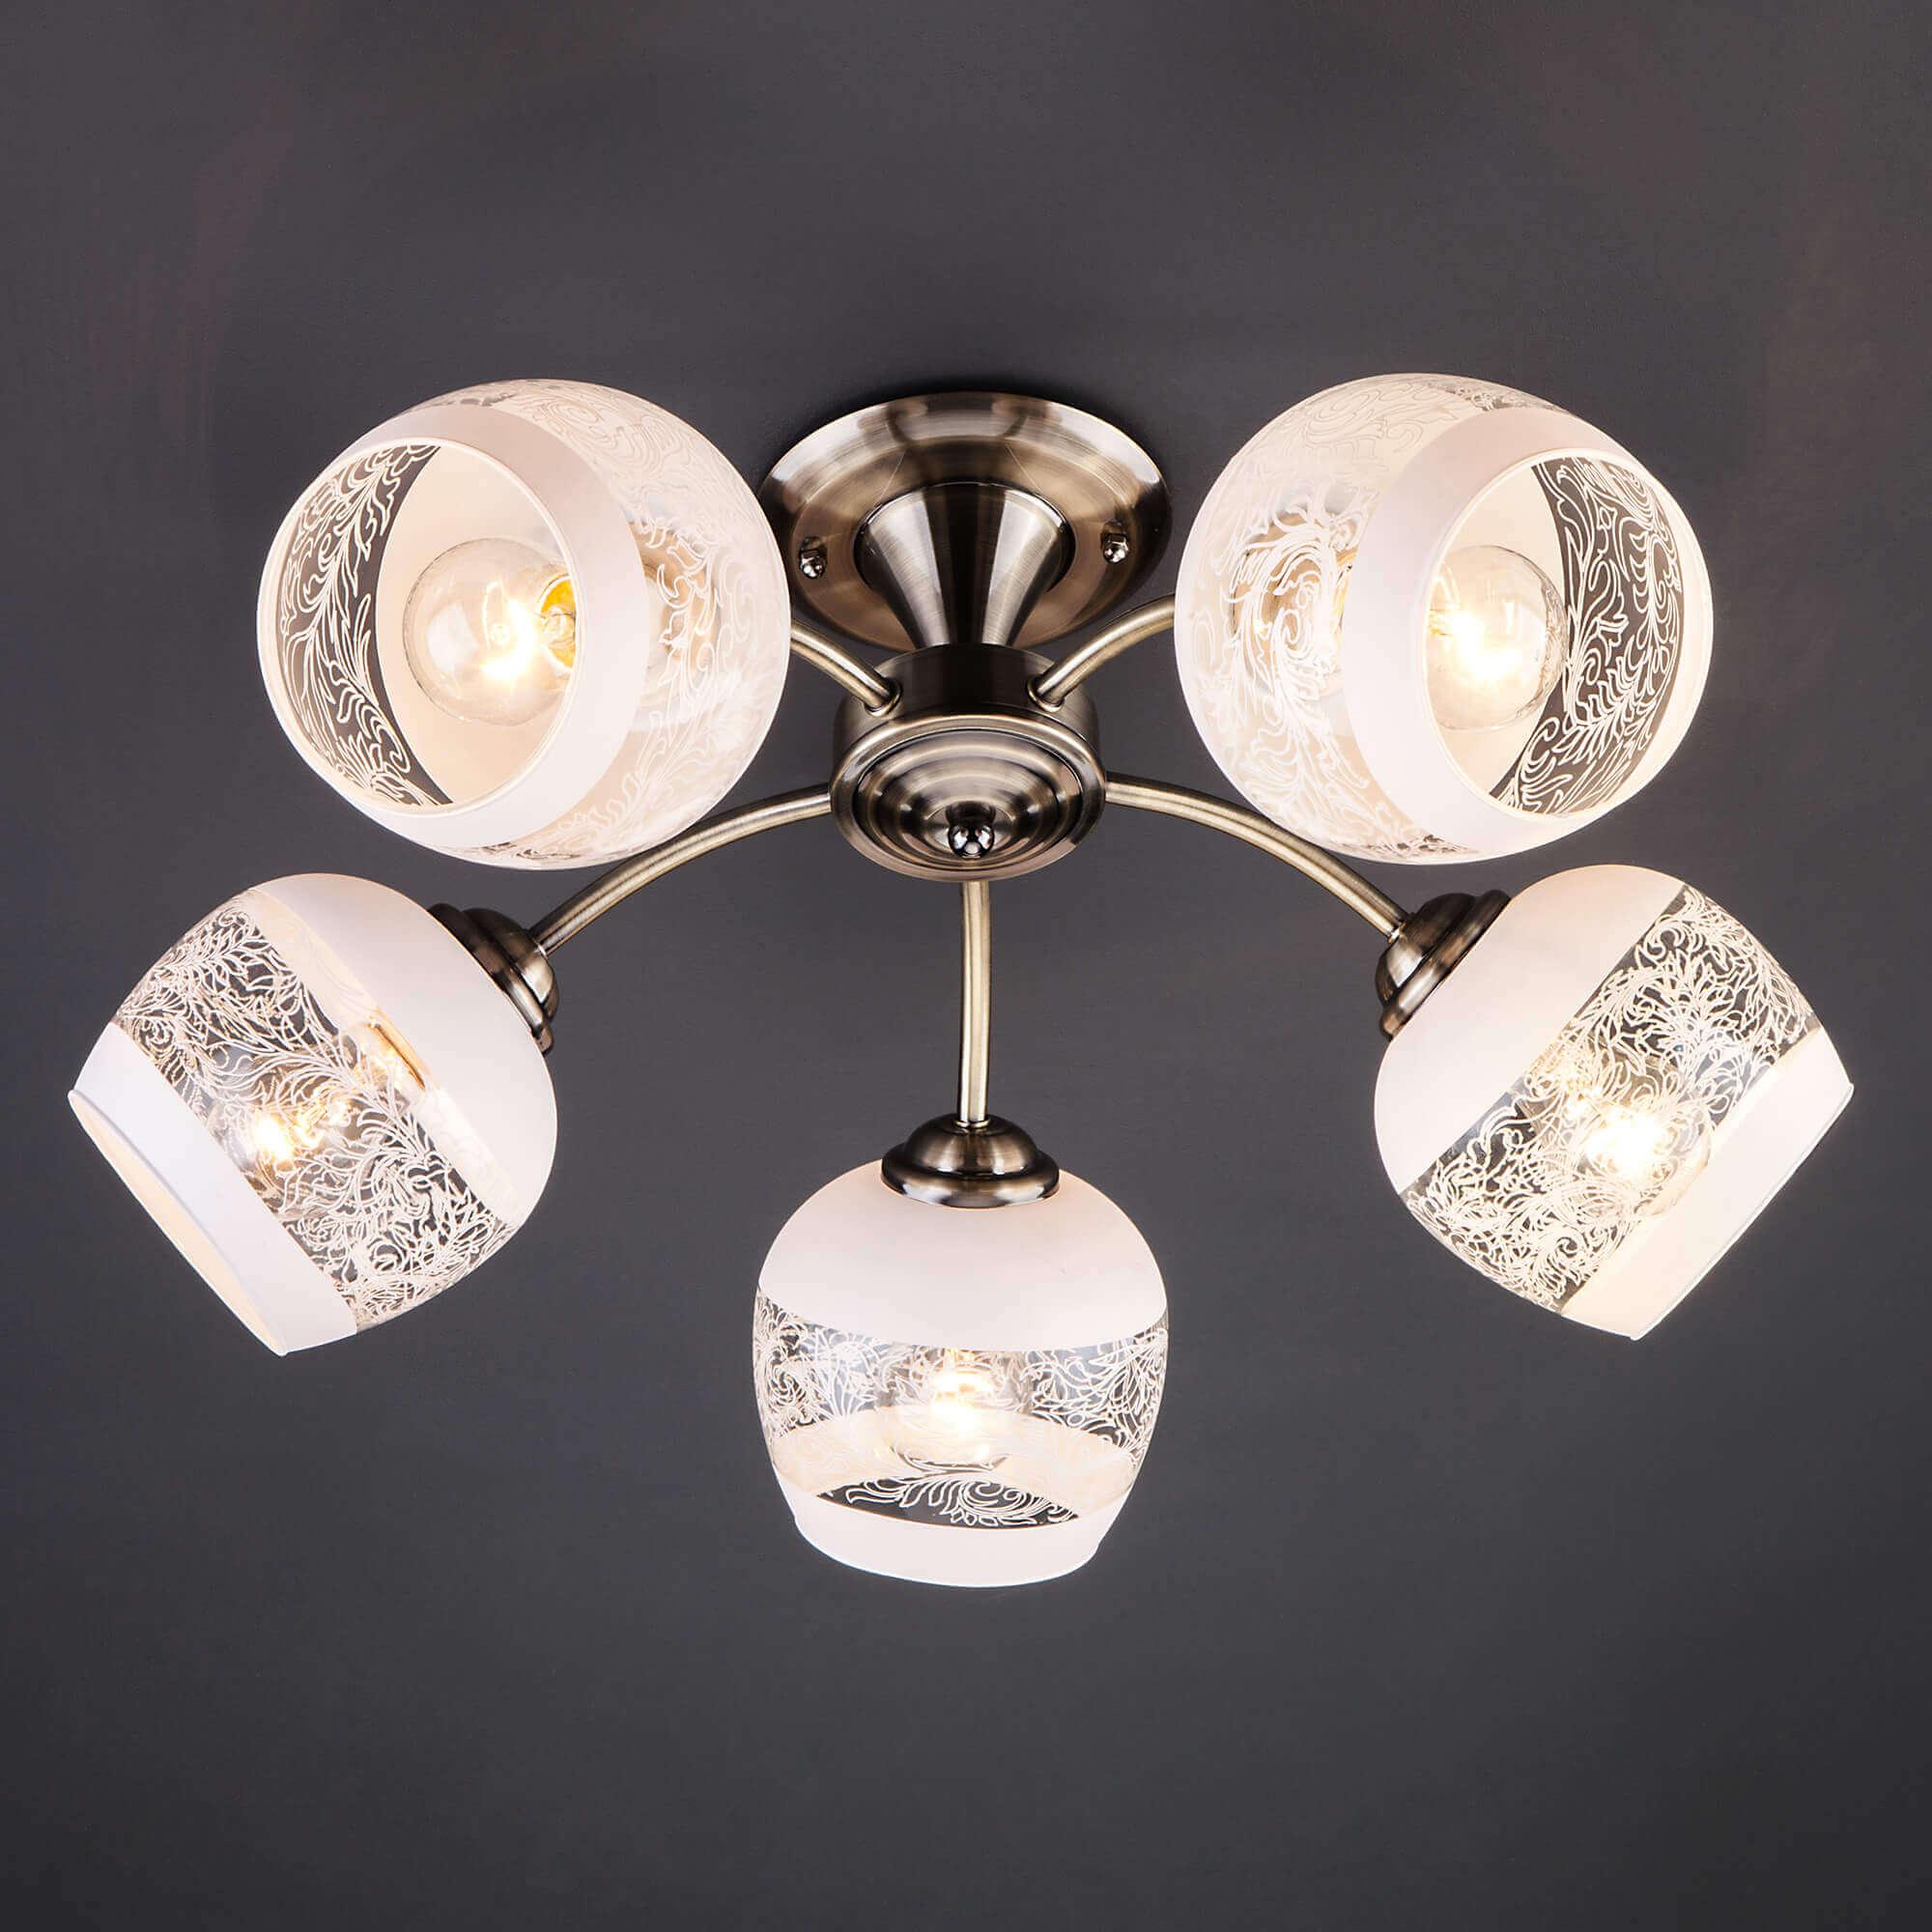 Купить потолочную люстру 30118/5 античная бронза в Минске